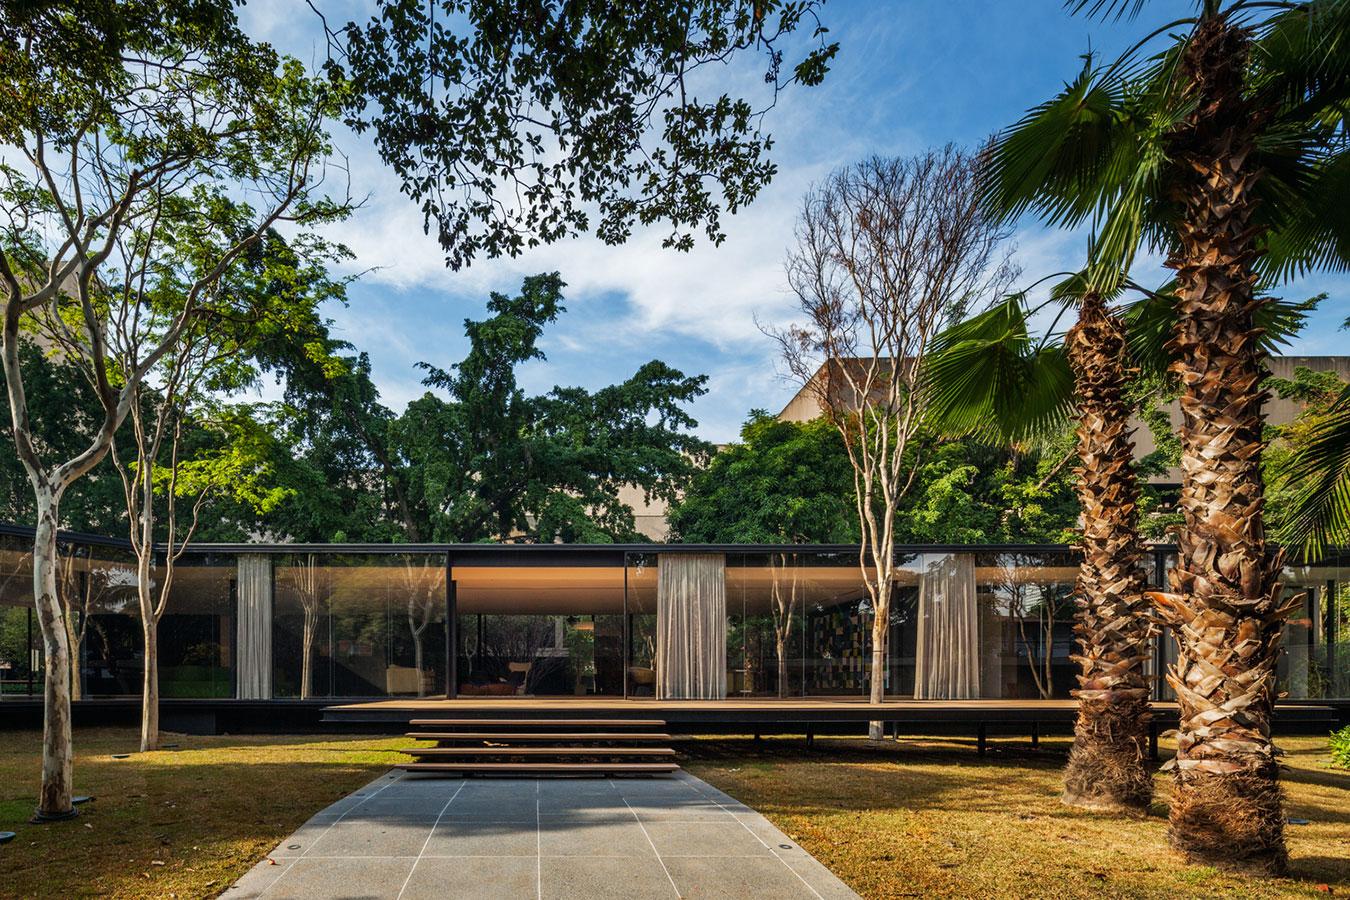 Casa bonita térrea com ampla área verde